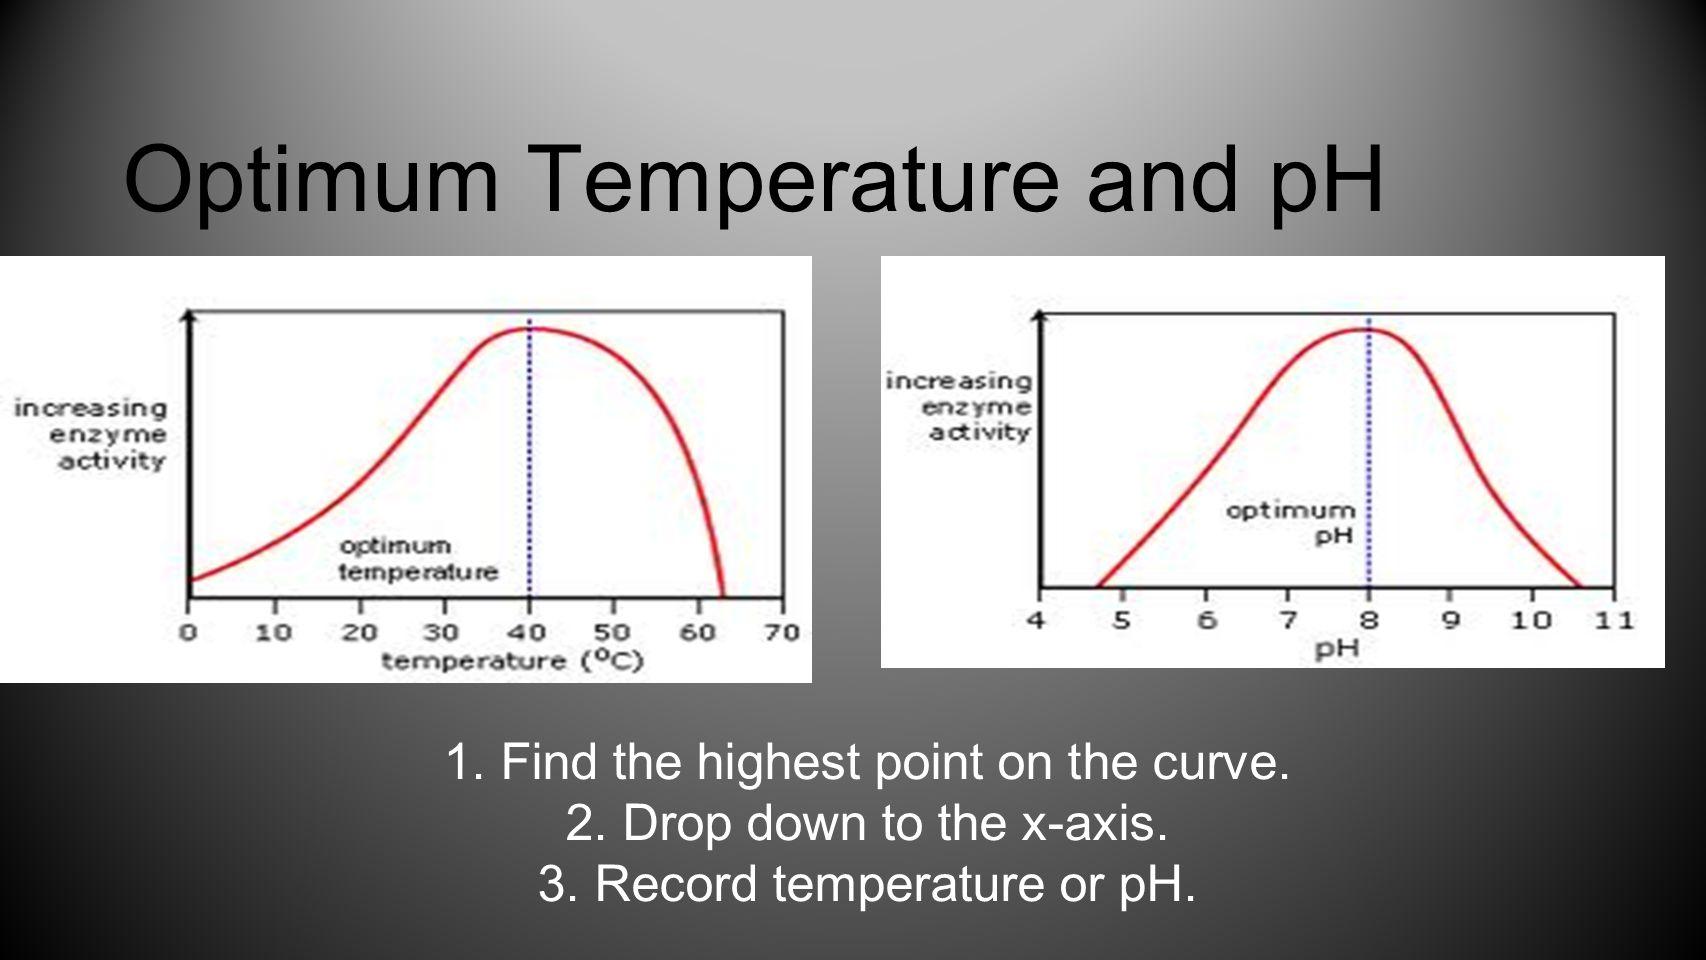 Optimum Temperature and pH